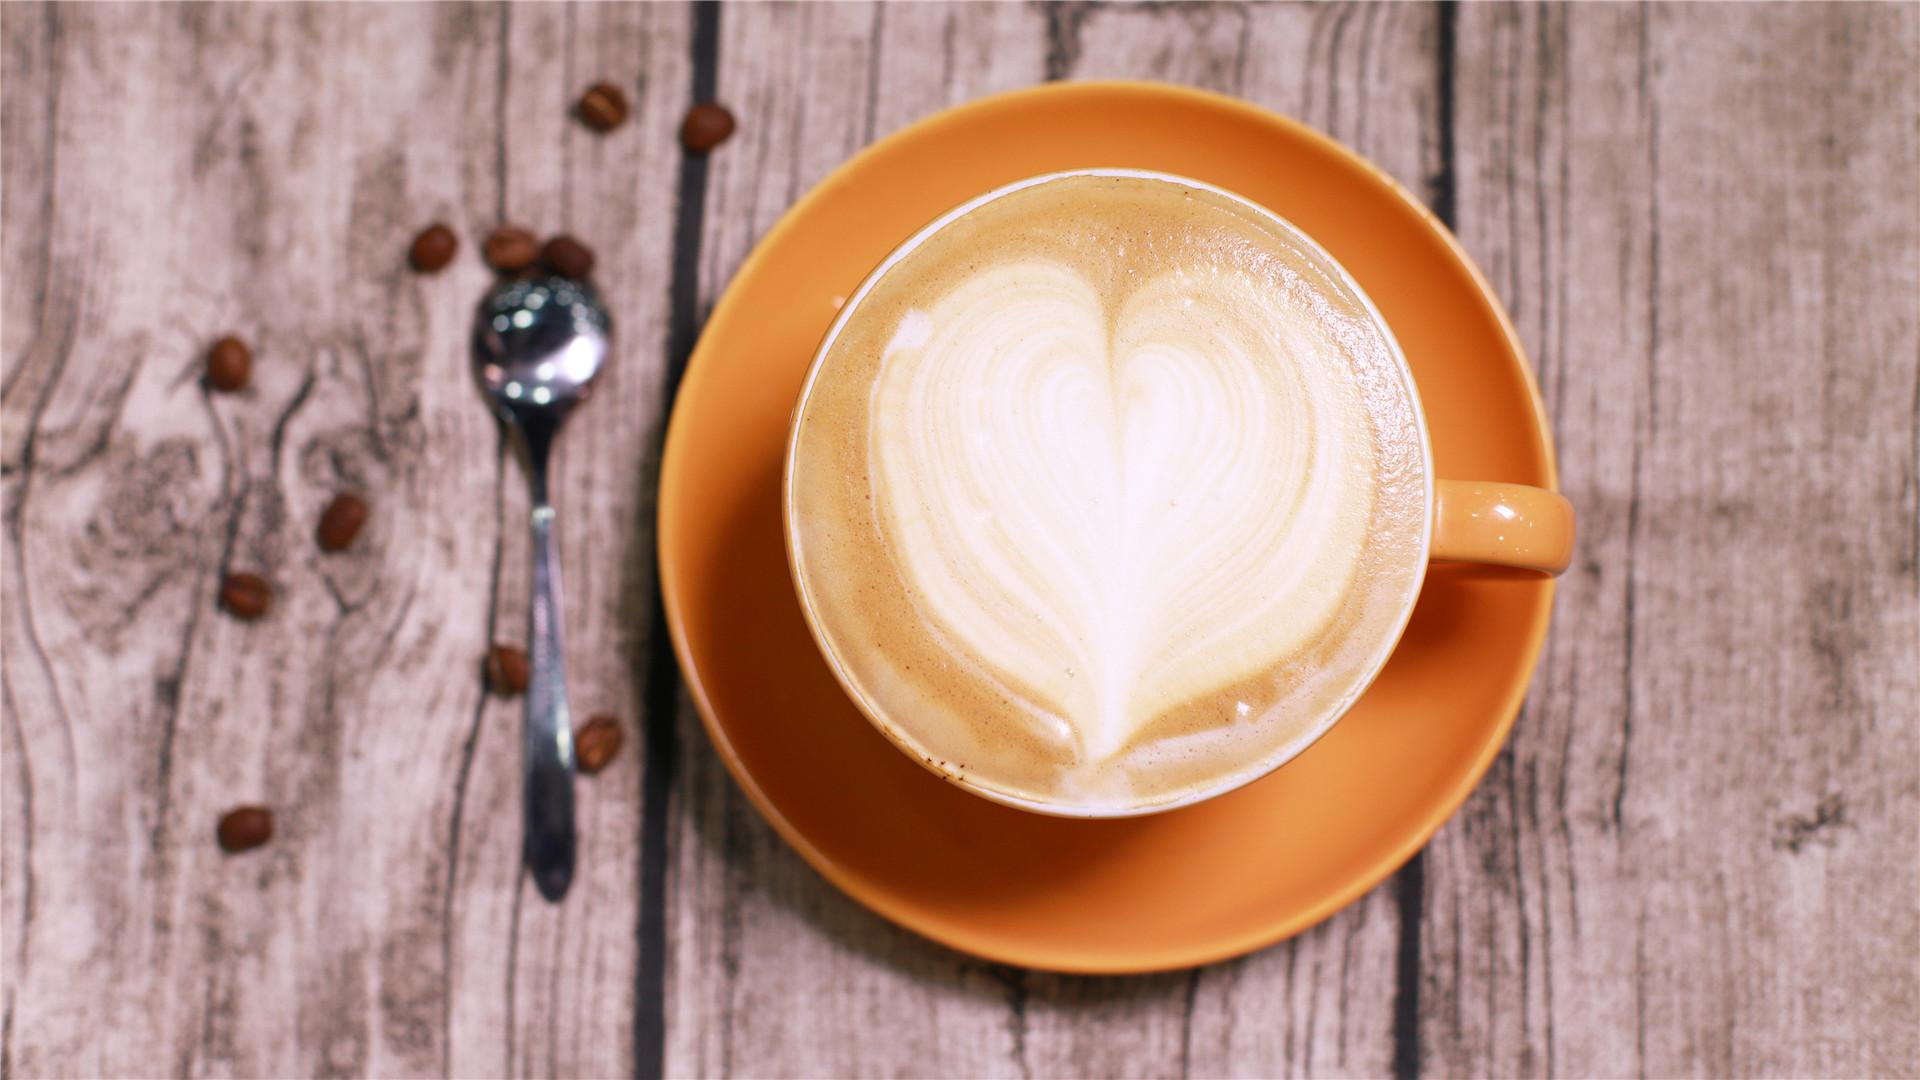 简单创意的咖啡拉花蜘蛛网桌面壁纸图片